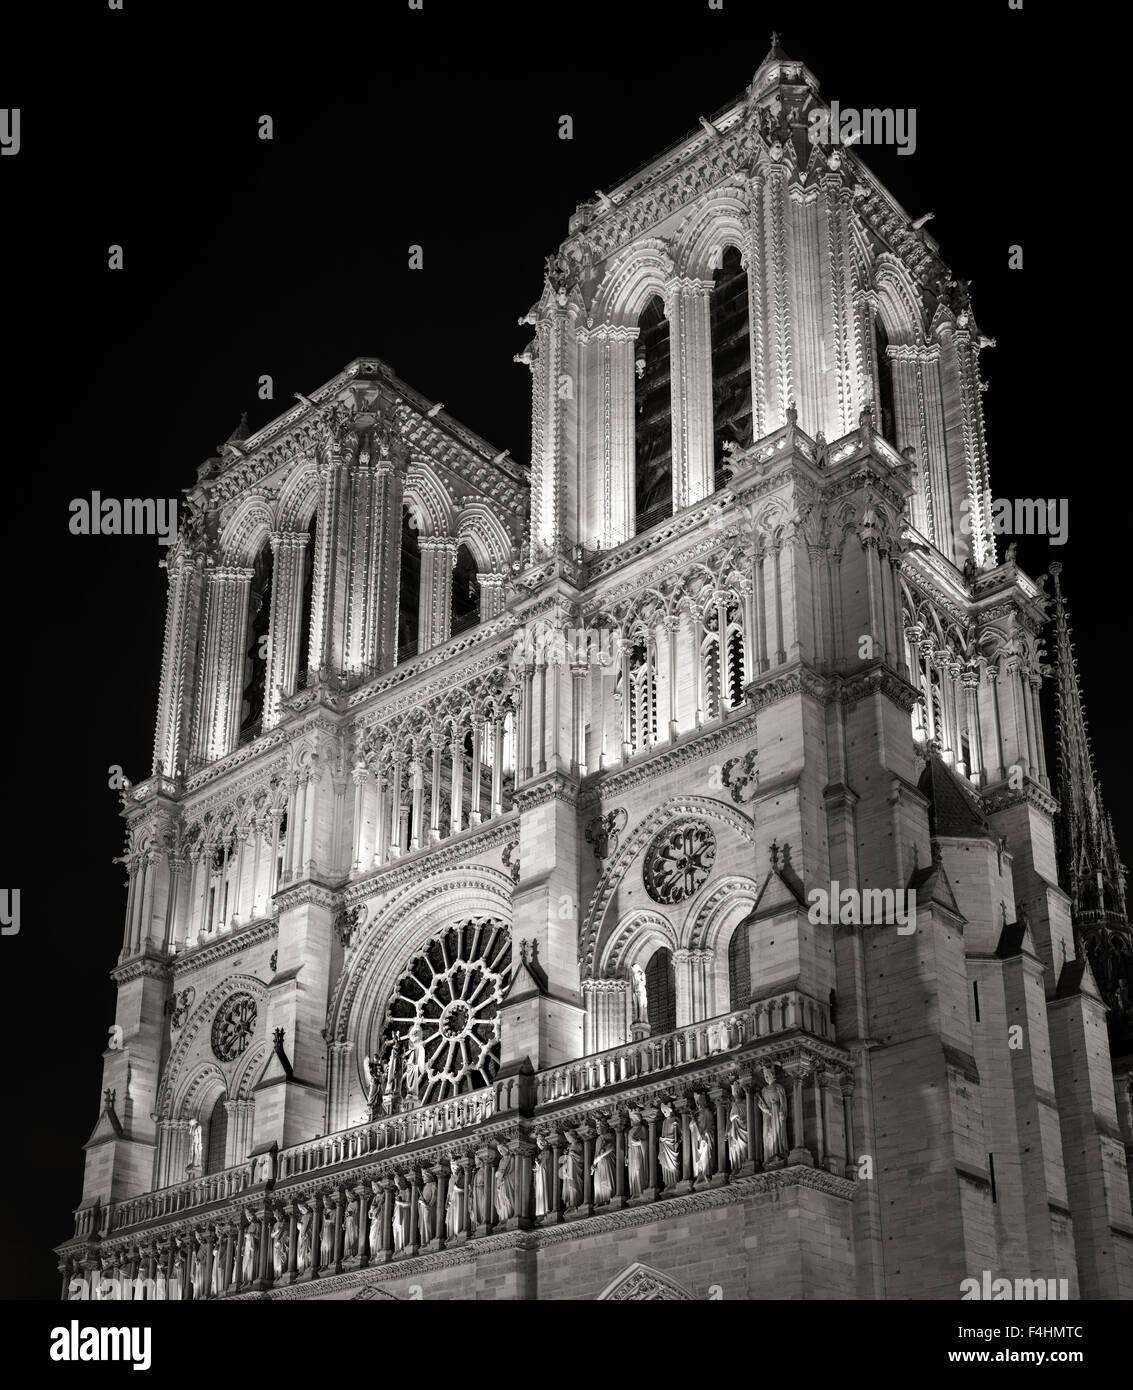 Las torres y la fachada de la catedral de Notre Dame de Paris iluminado en la noche, Ile de la Cite, Francia. La Imagen De Stock